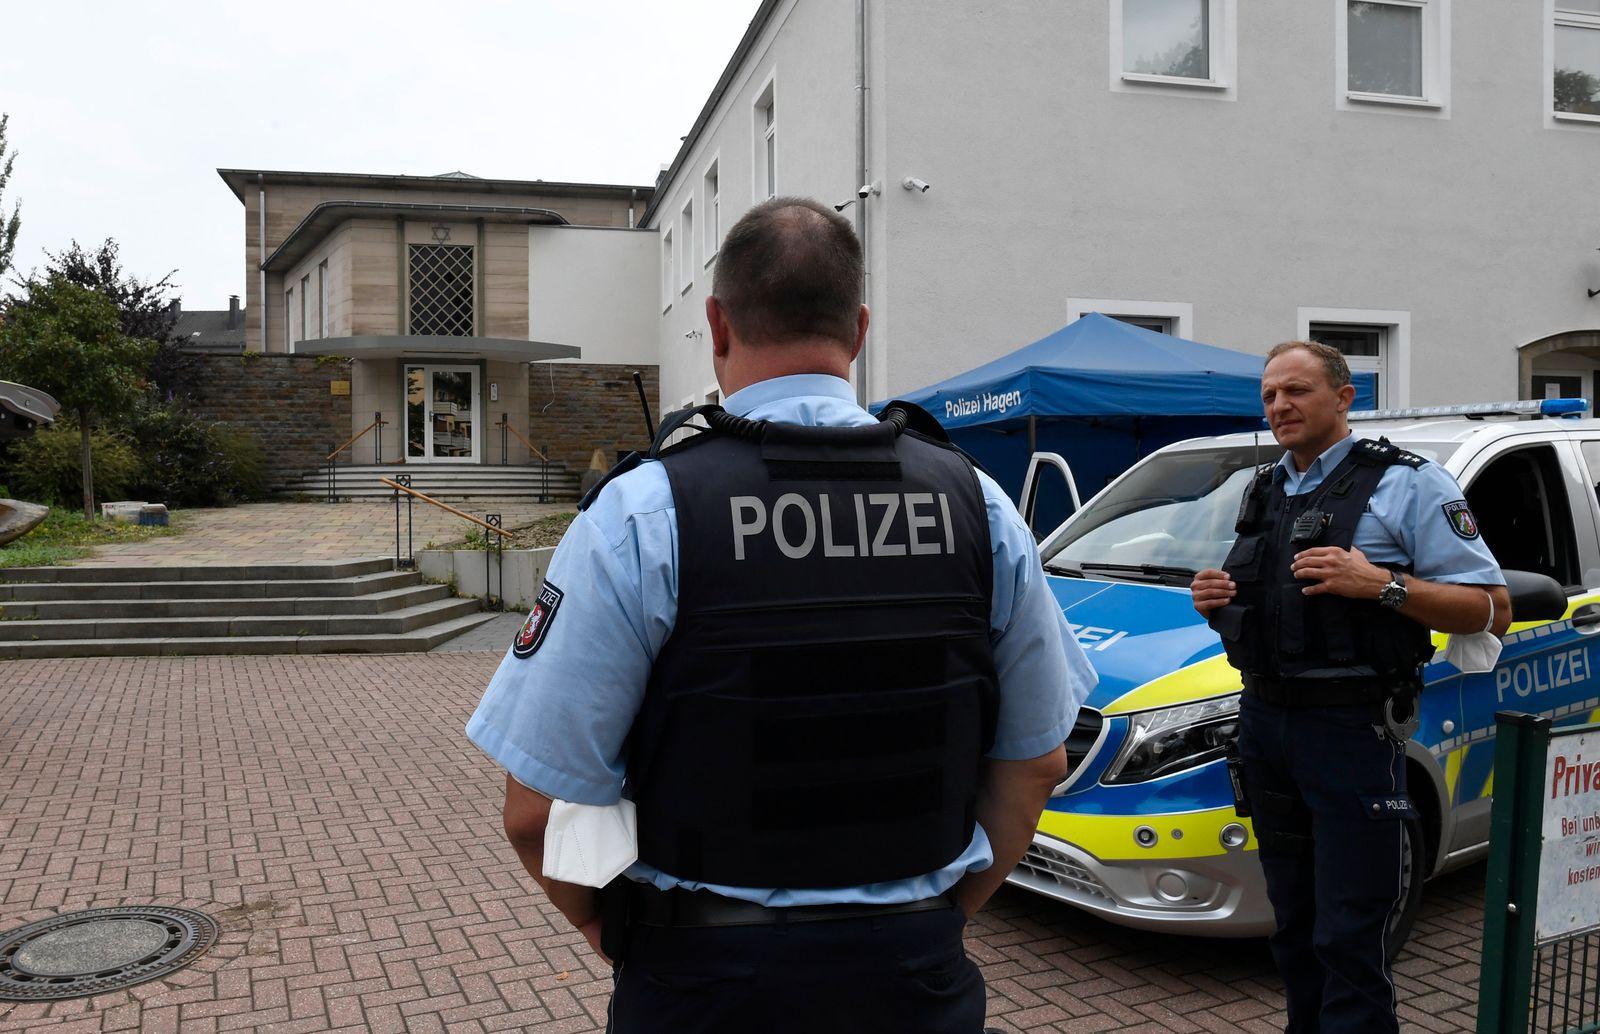 Polizei an der Synagoge in Hagen